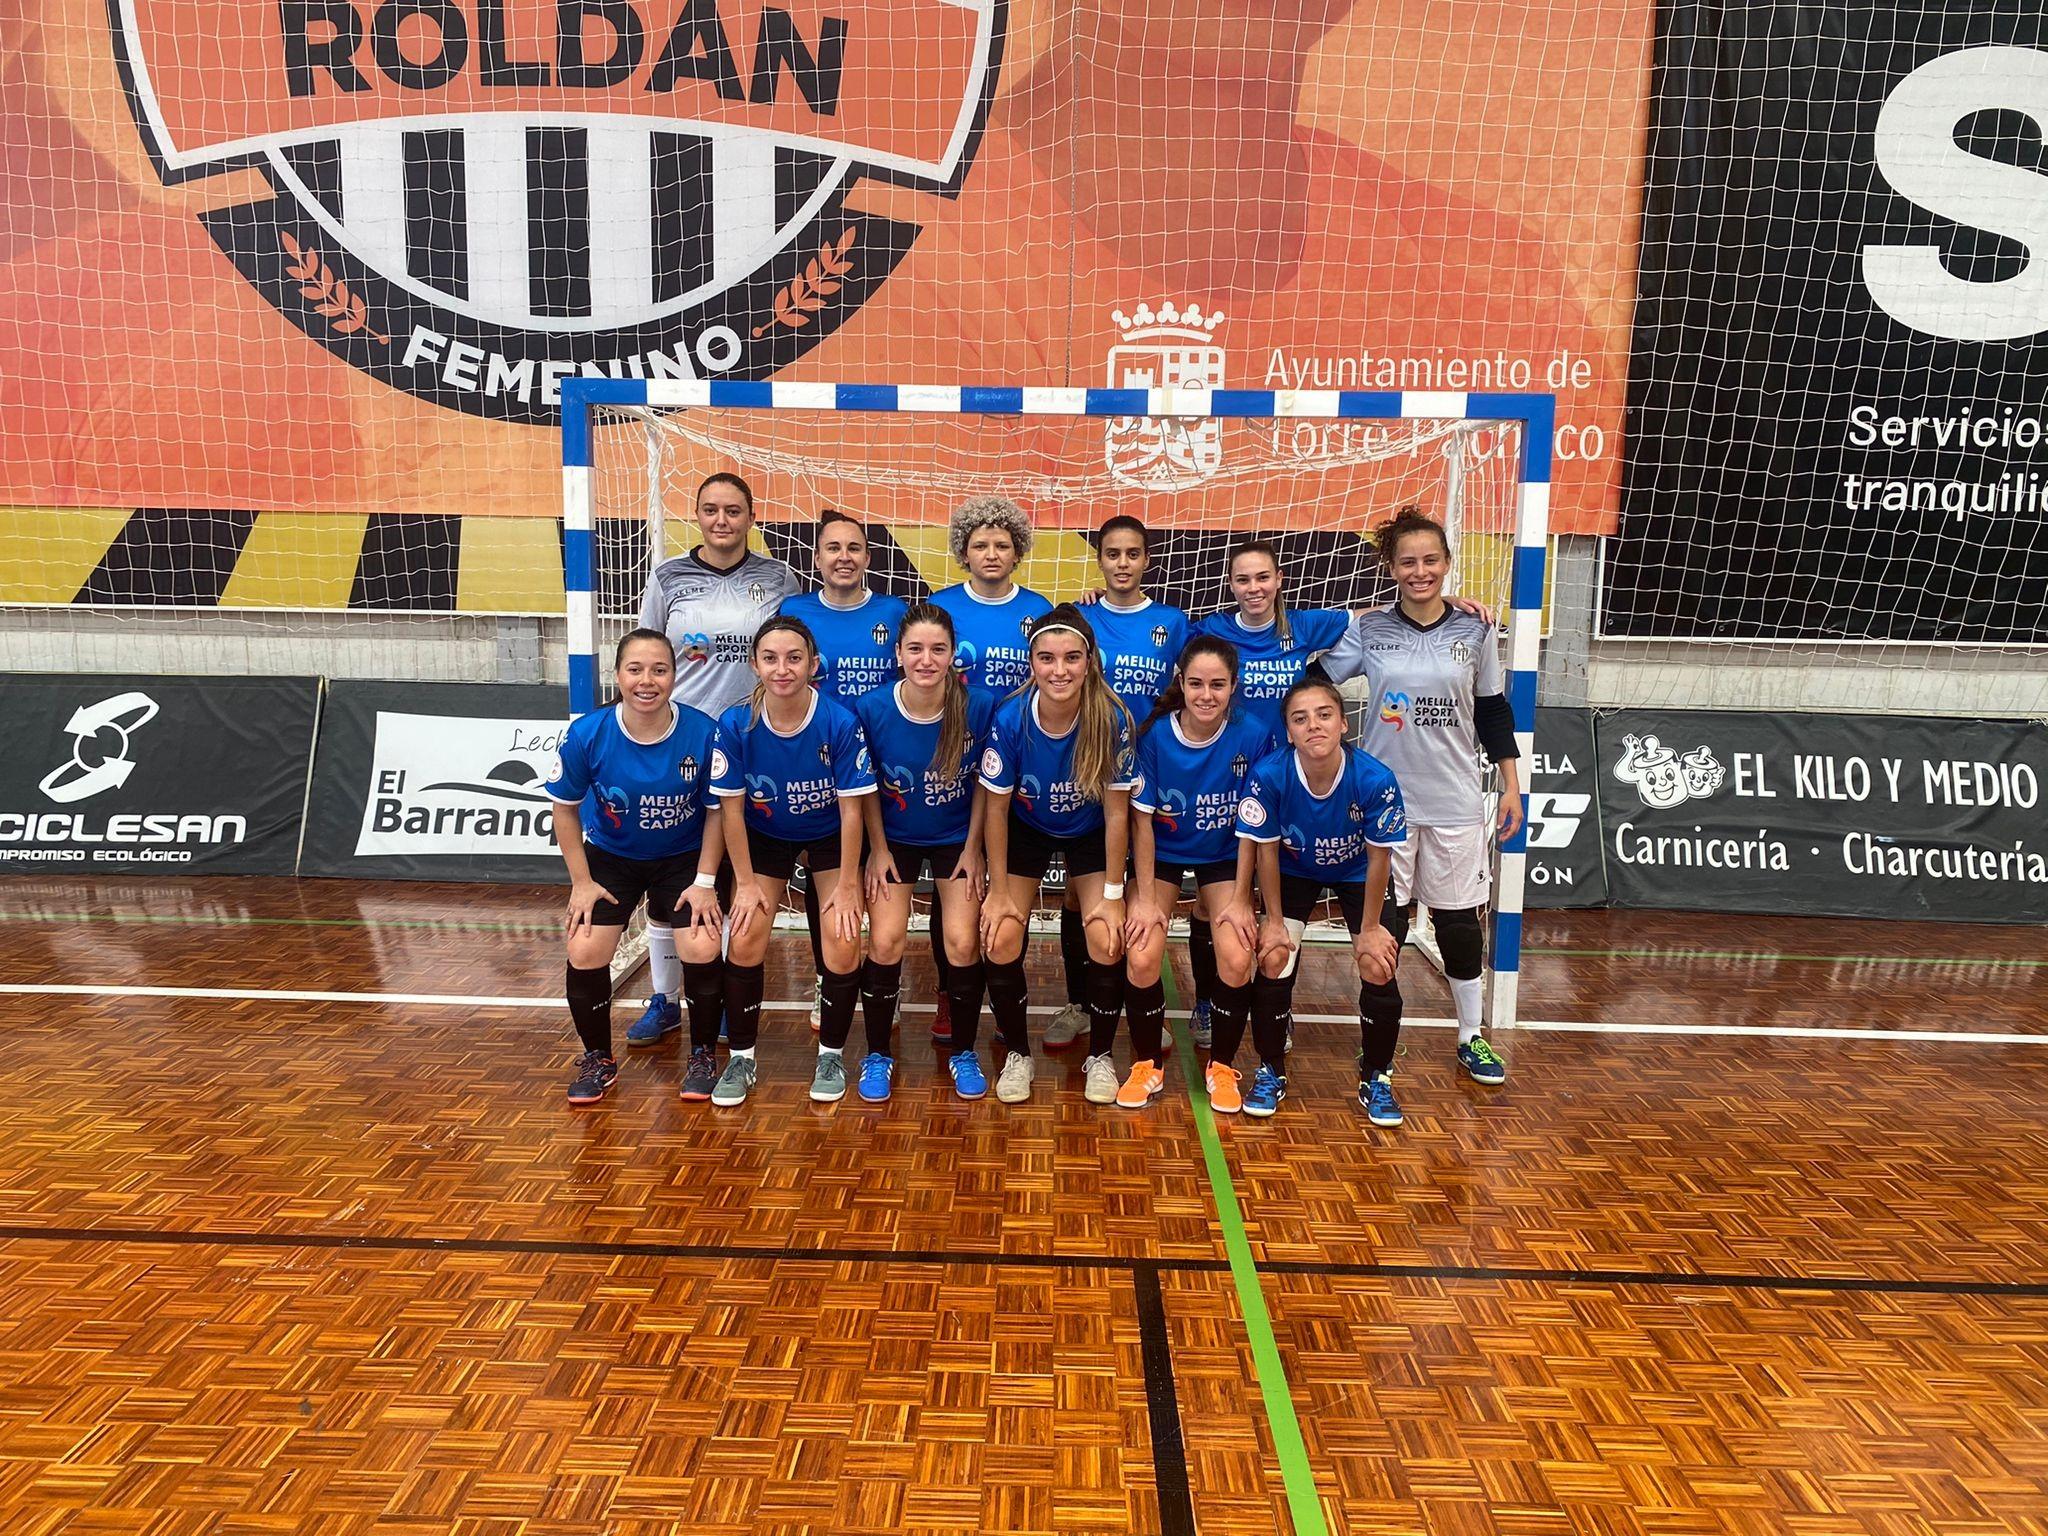 Crónica del Partido de Liga de 2ª División: El Barranquillo STV Roldán – MSC Torreblanca Melilla. Jornada 2ª. Grupo 3º